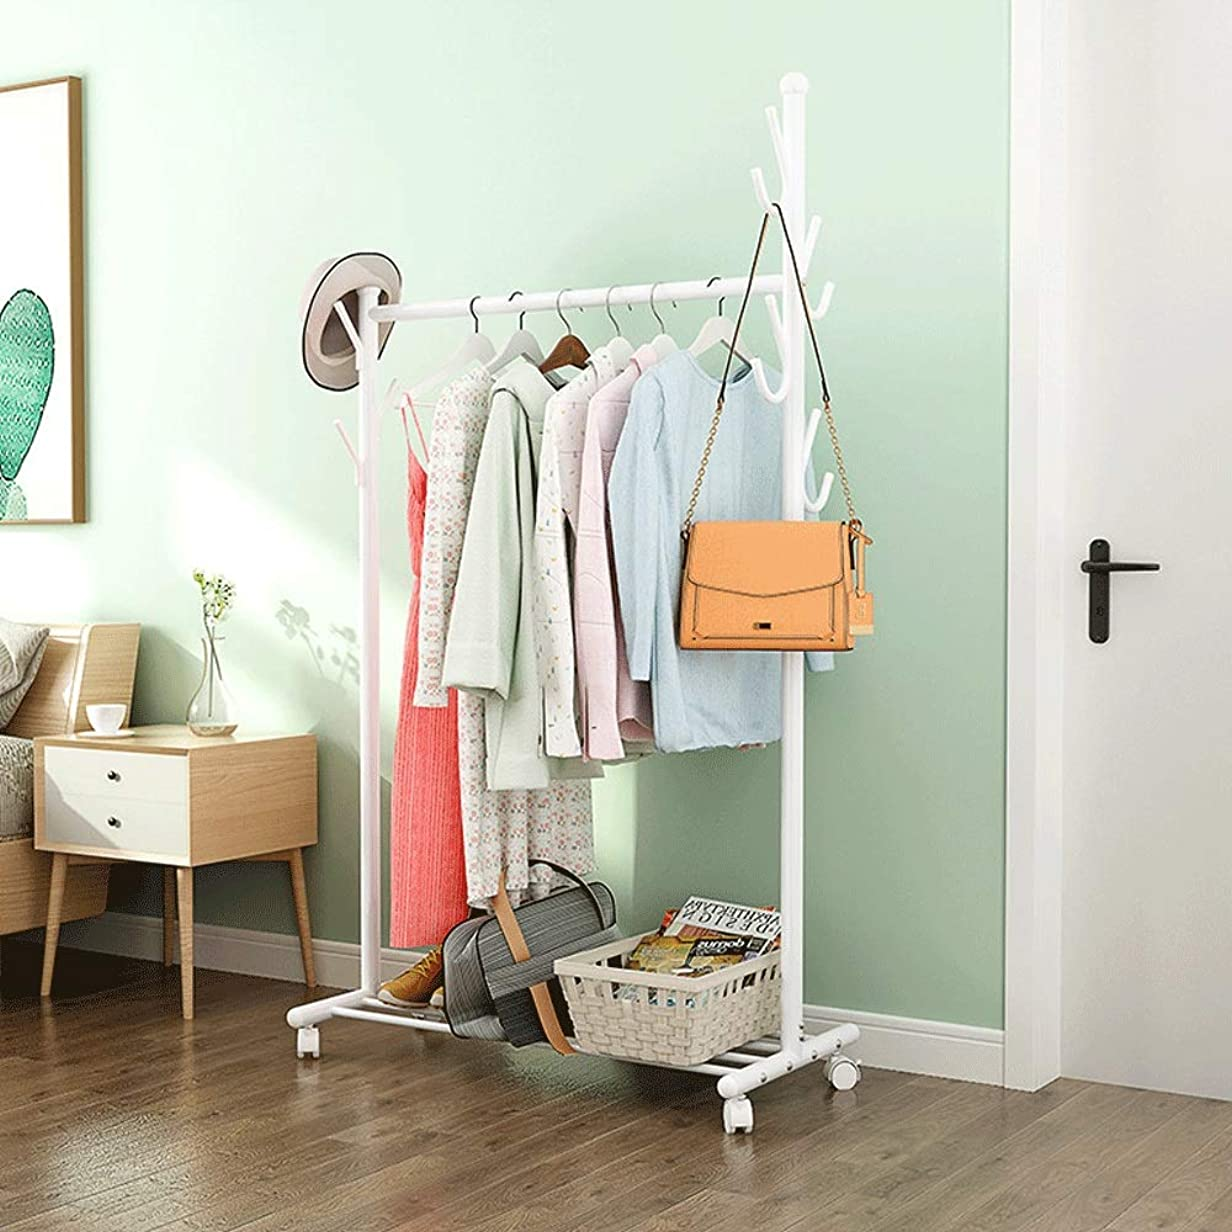 結果腕深くポールハンガー ホームオフィス廊下寝室用ボックスシューズ用ハンギングレールと下部収納棚付きのミニマリストの金属服レールスタンド (Color : White, Size : 45×56×168cm)